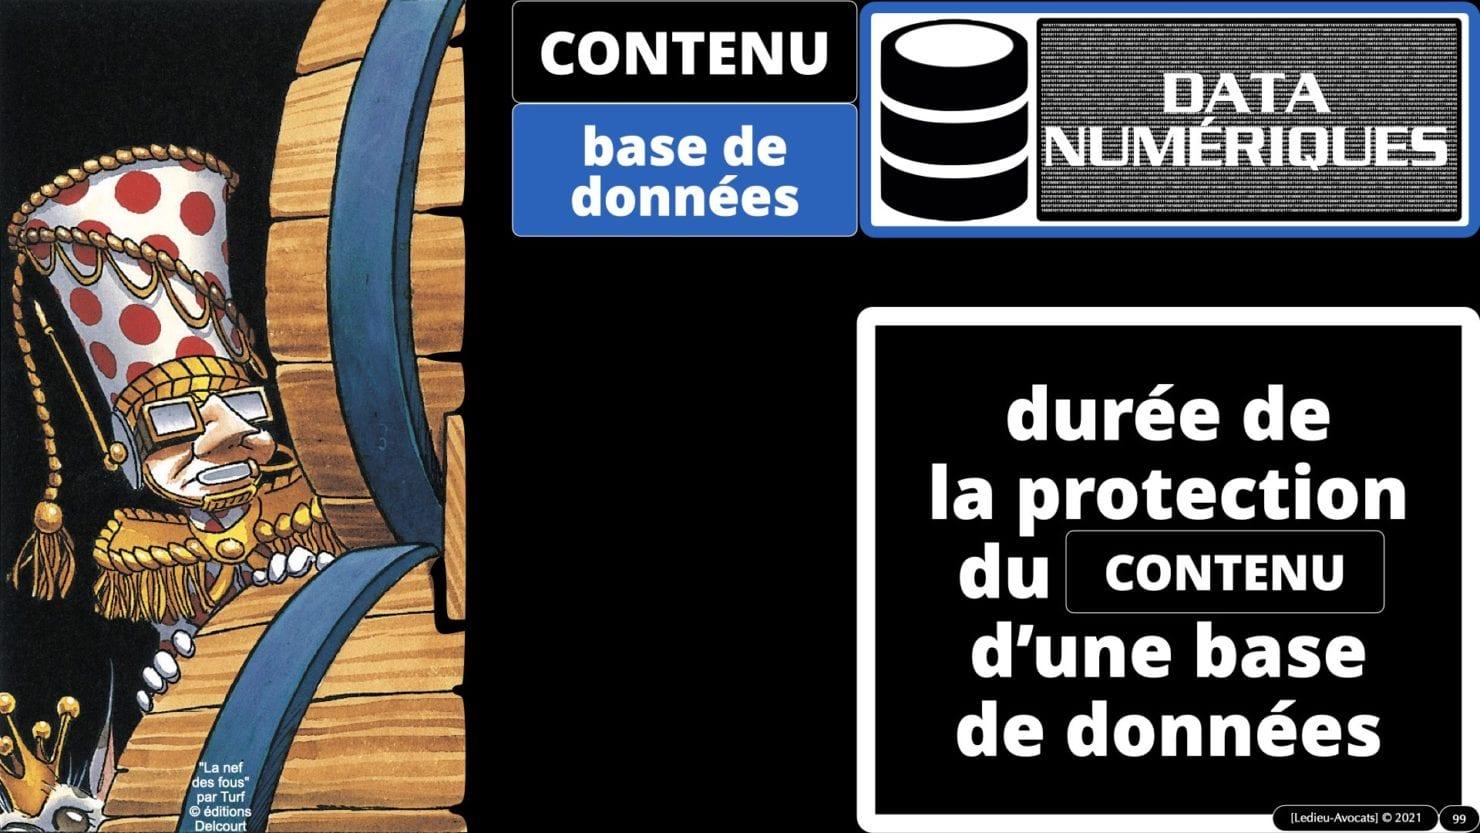 334 extraction indexation BASE DE DONNEES © Ledieu-avocat 24-05-2021.099